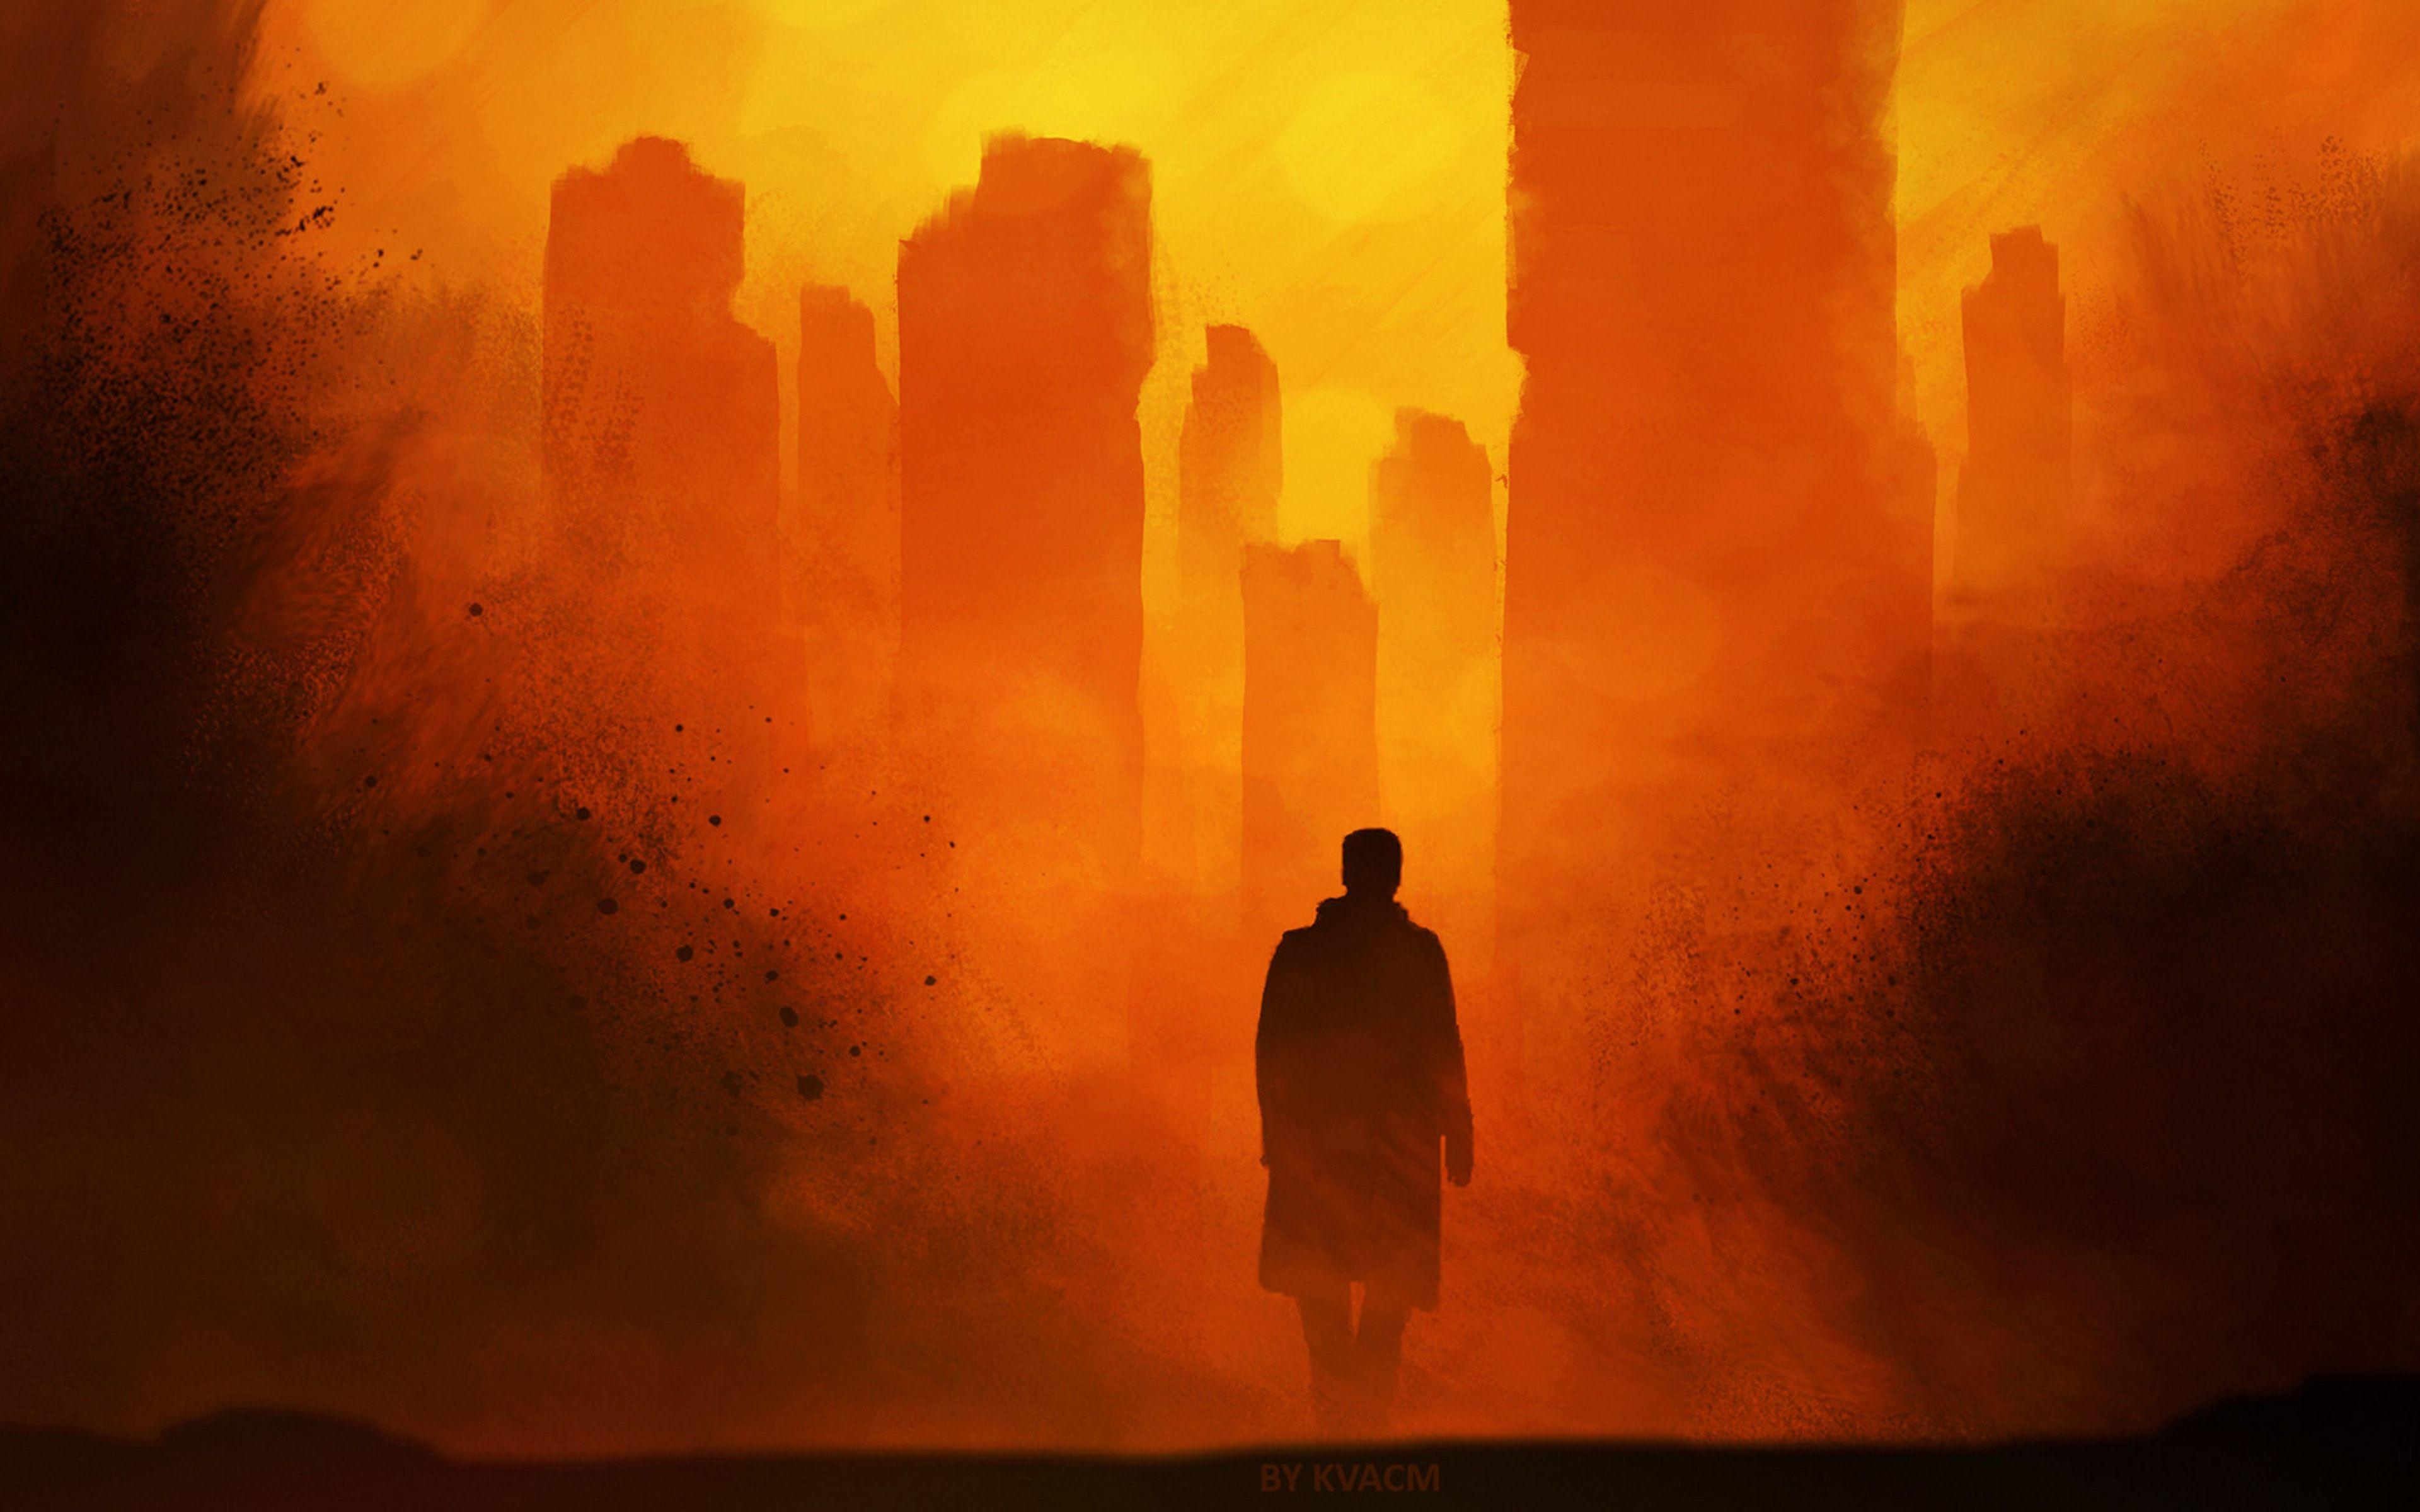 Desktophdwallpaper Org Blade Runner